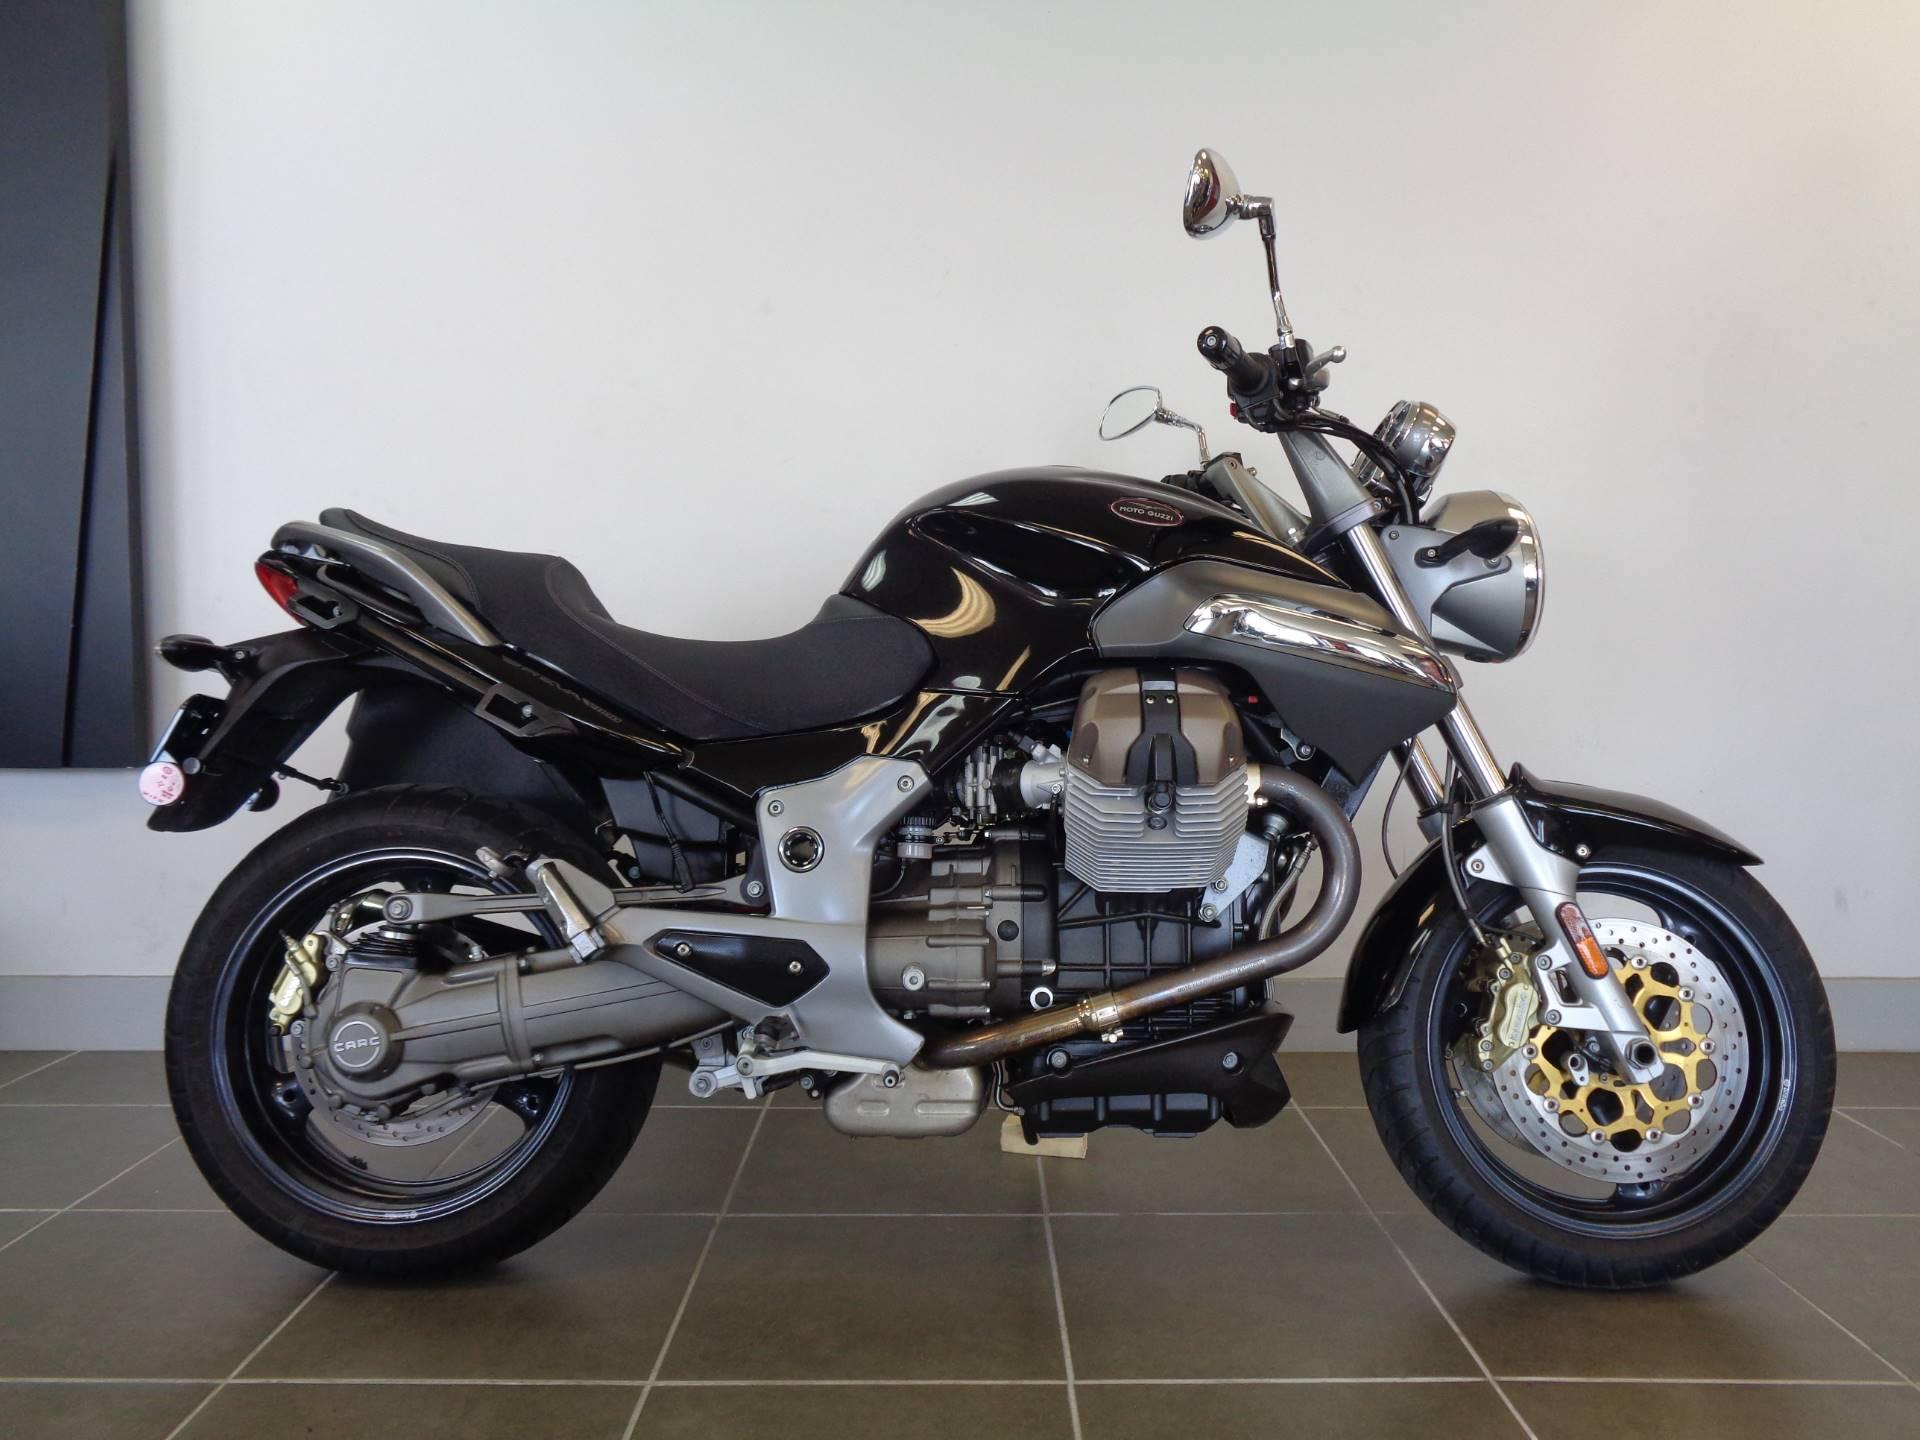 2007 Moto Guzzi Breva 1100 1